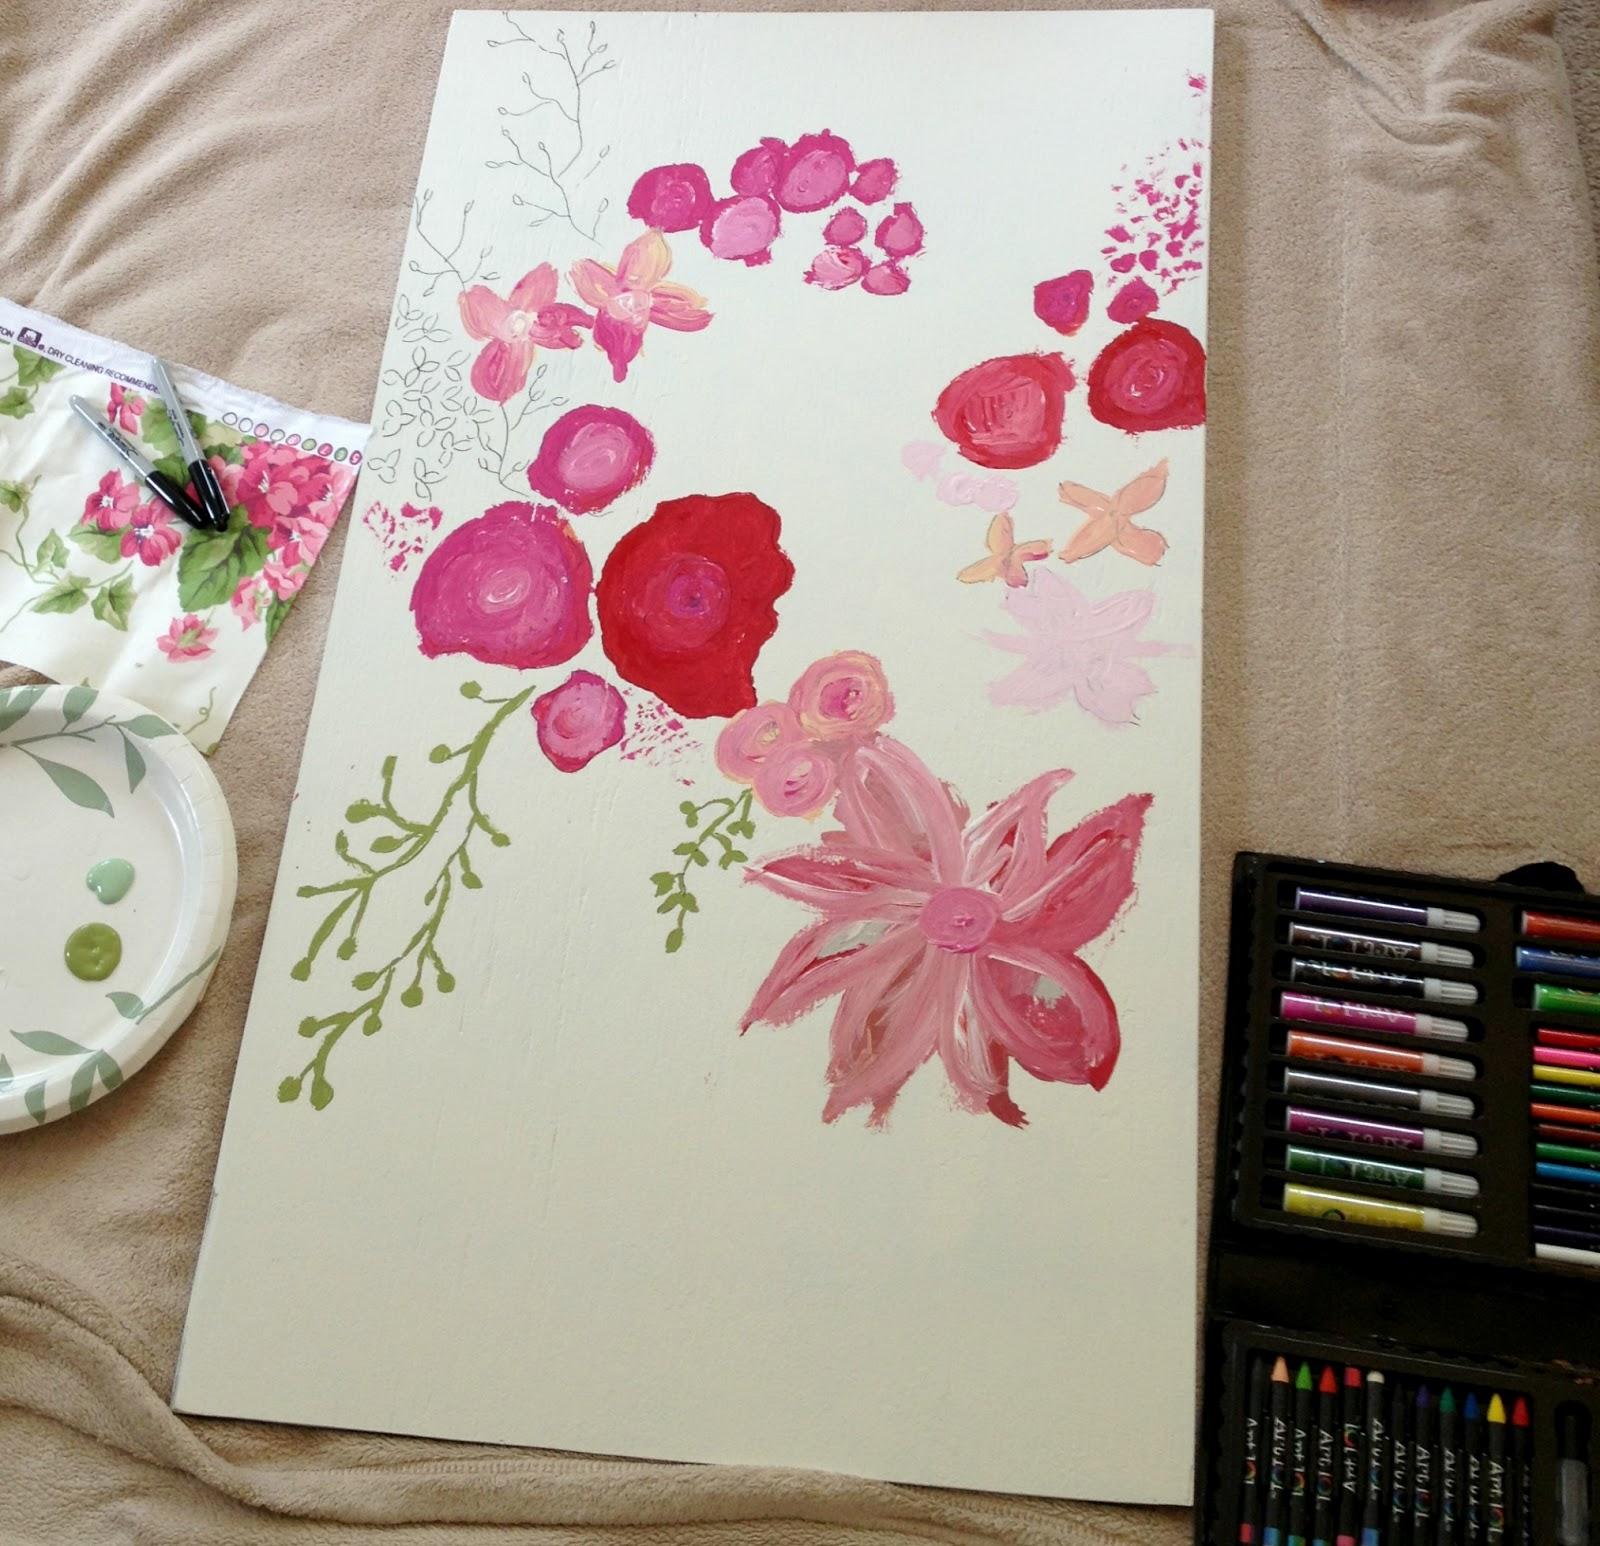 Diy floral wall art with nailhead trim livelovediy for Diy flower canvas wall art